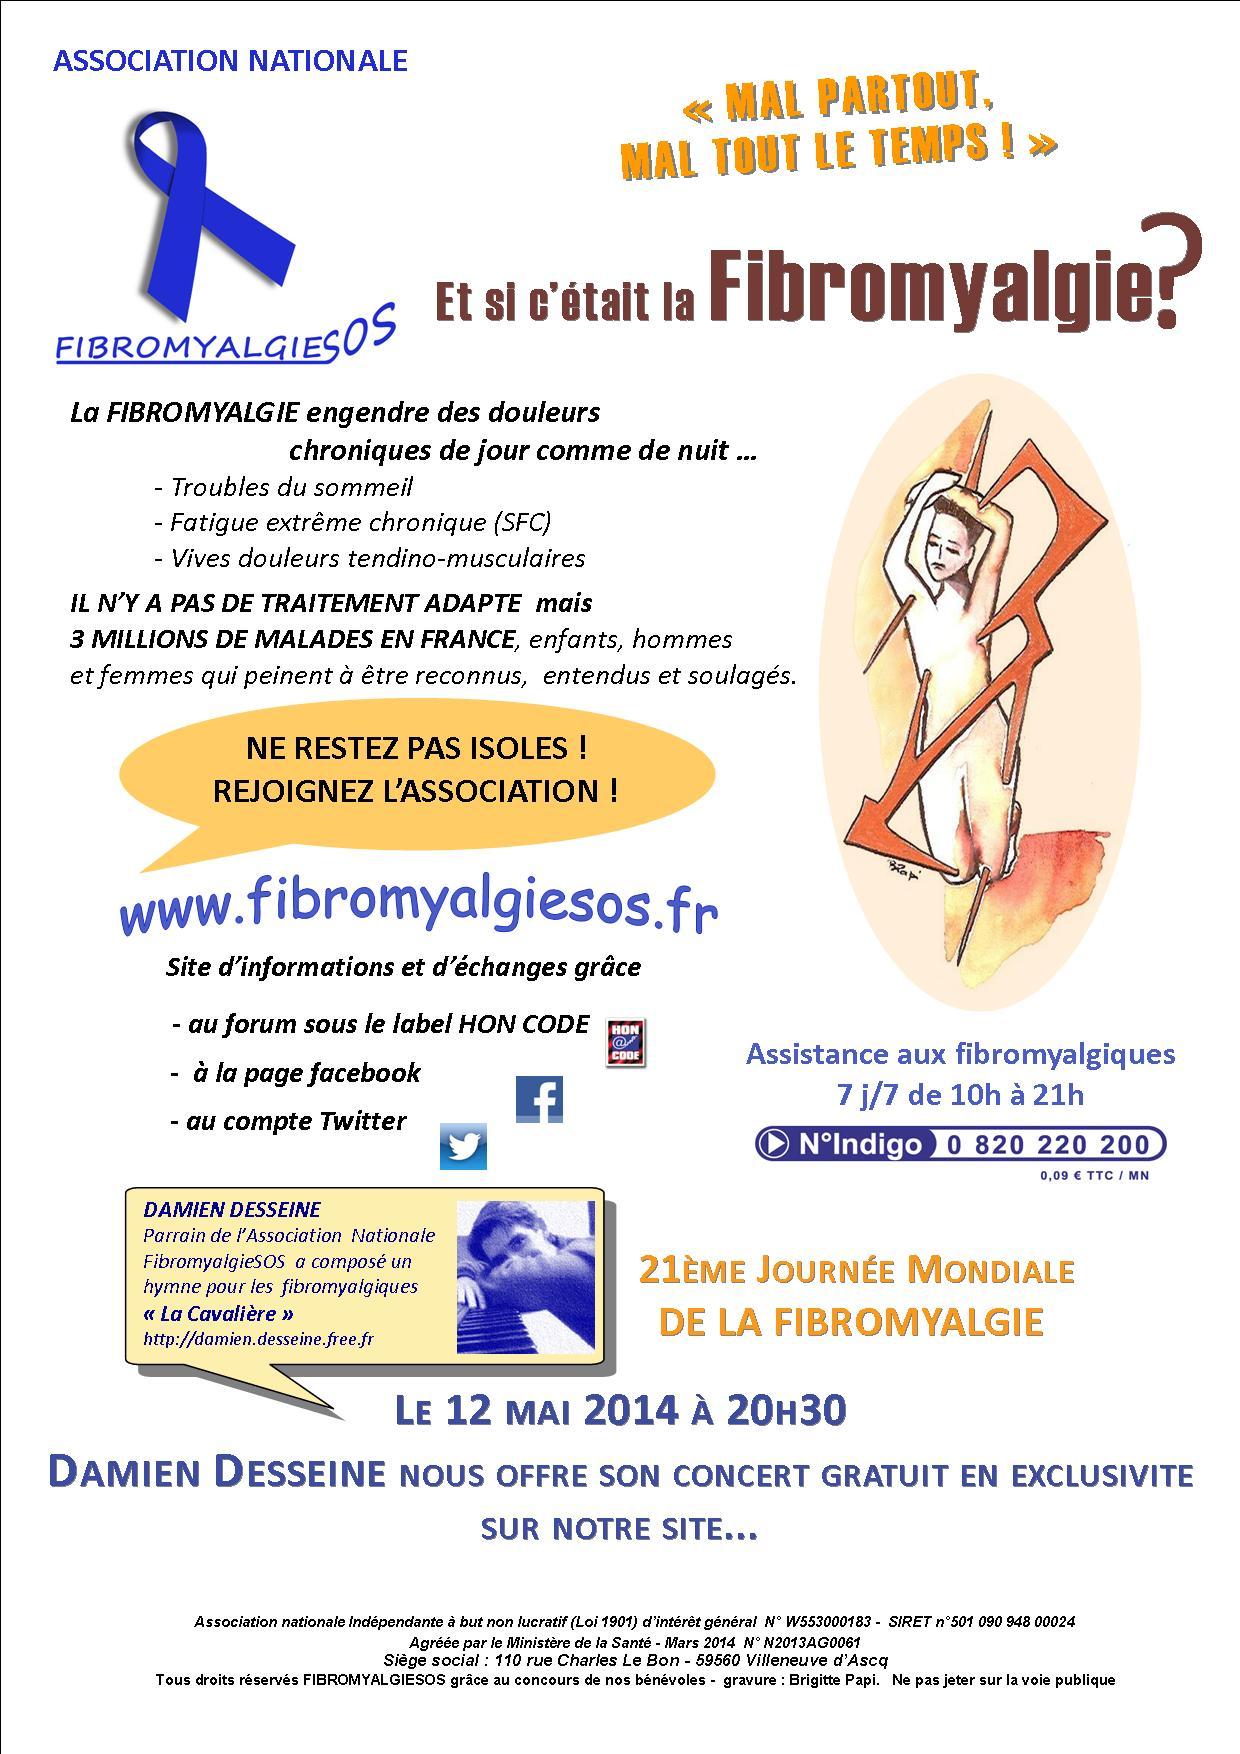 rencontres nationales de l'odas La Roche-sur-Yon